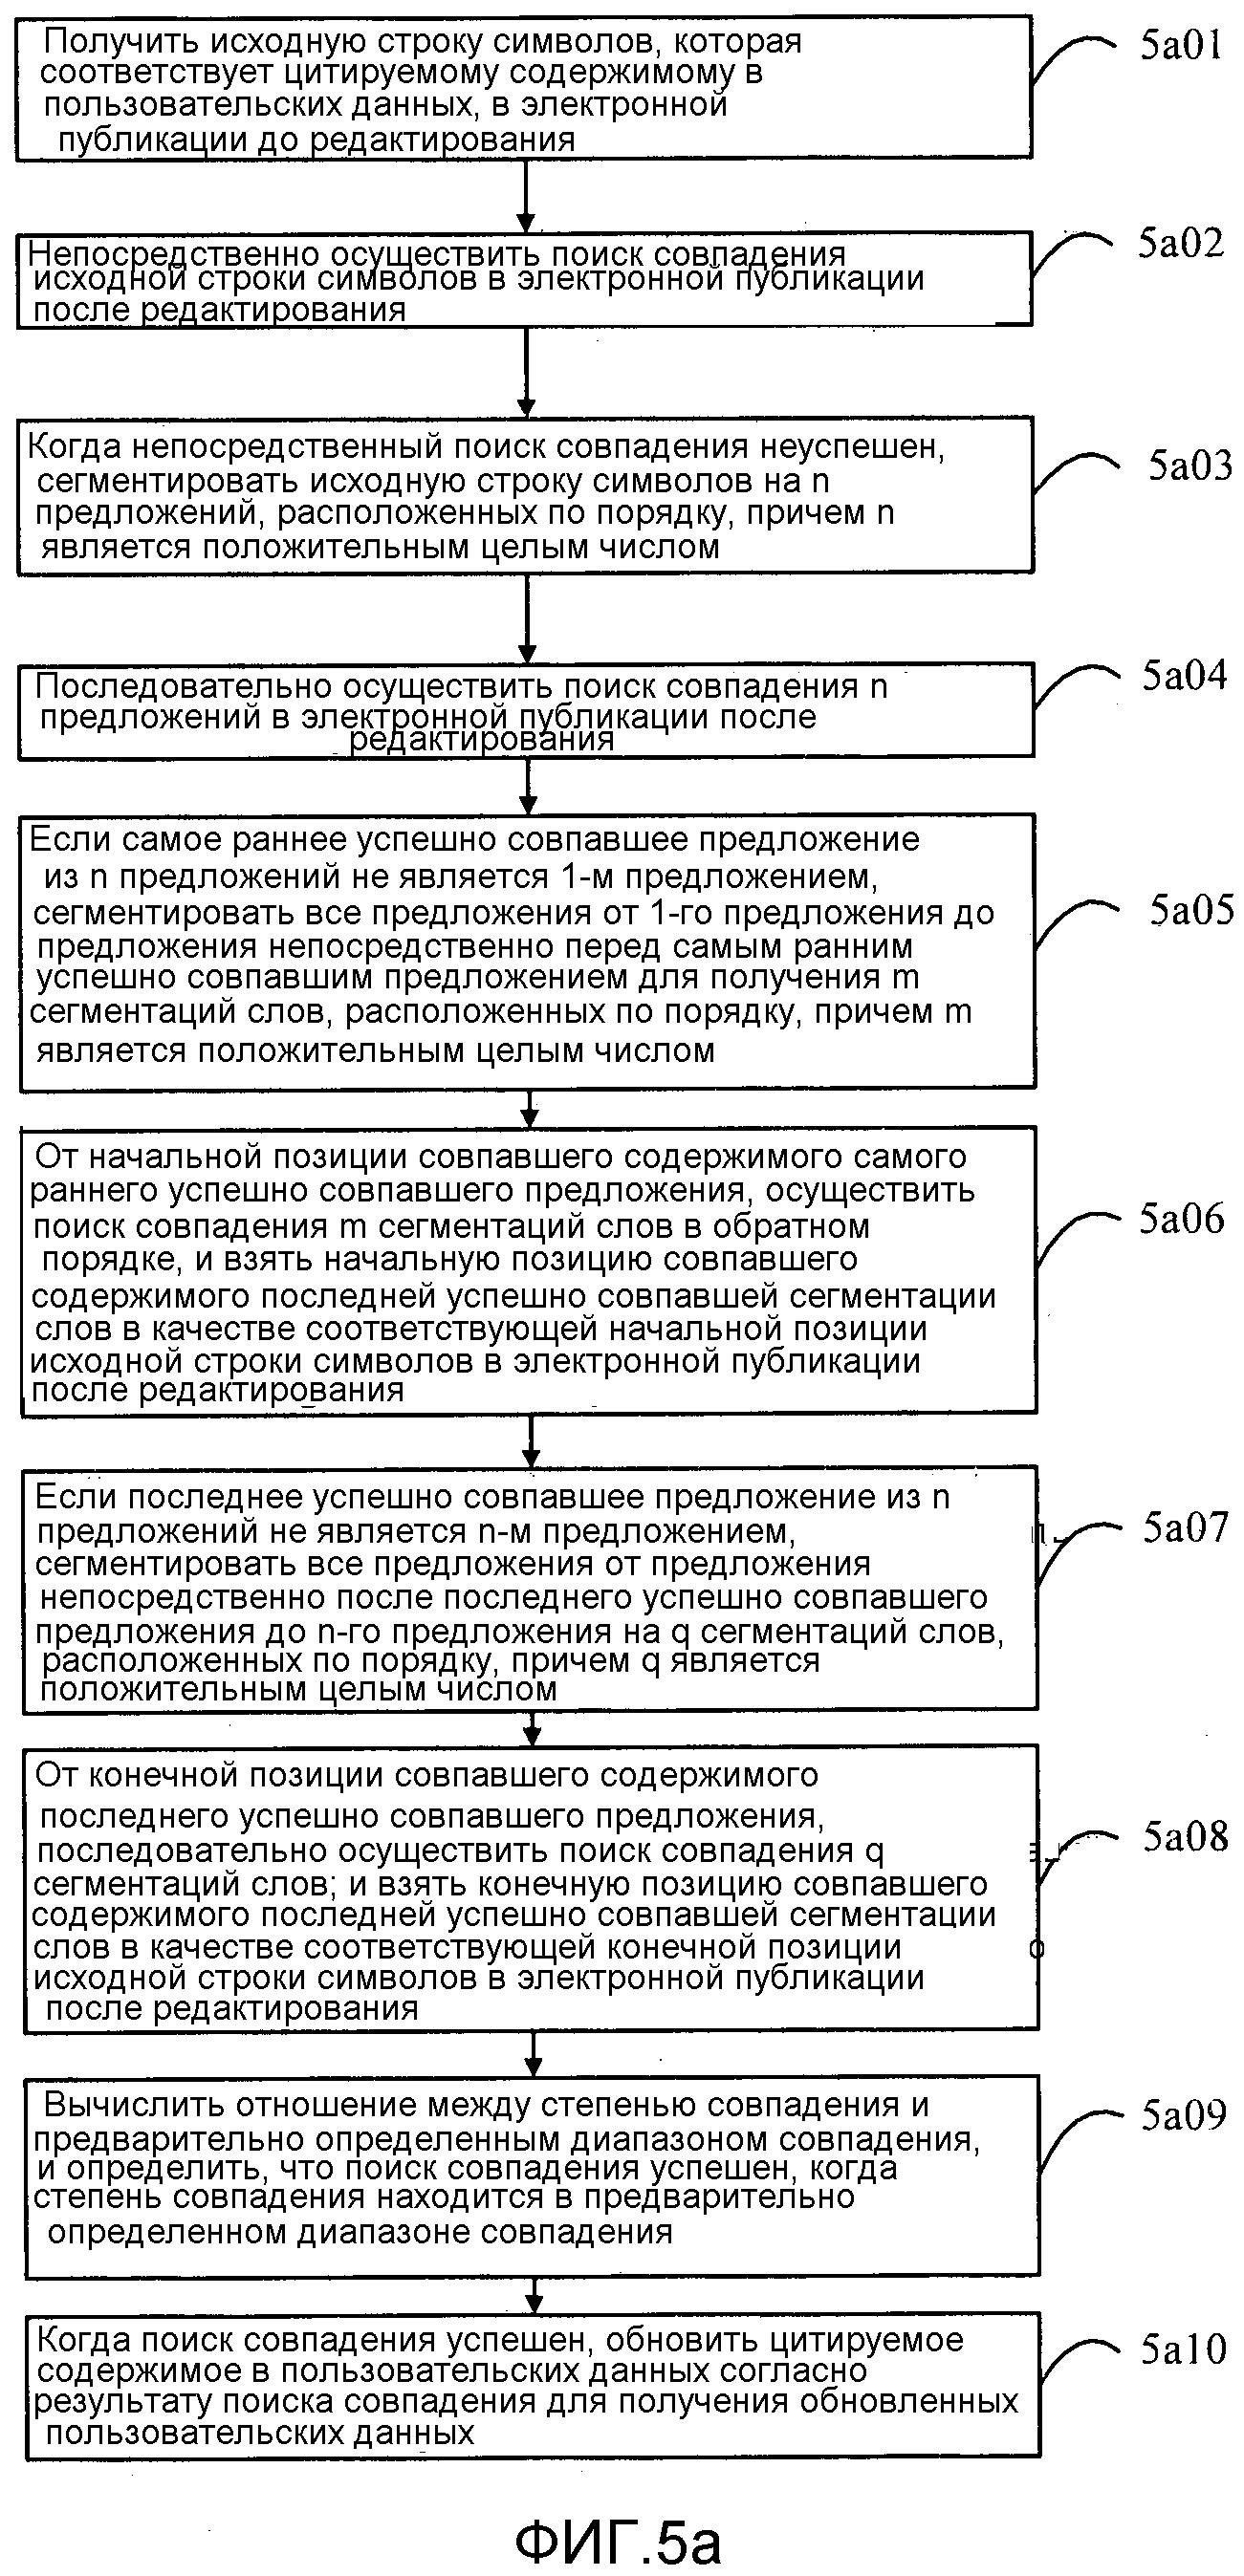 Способ и устройство для обновления пользовательских данных